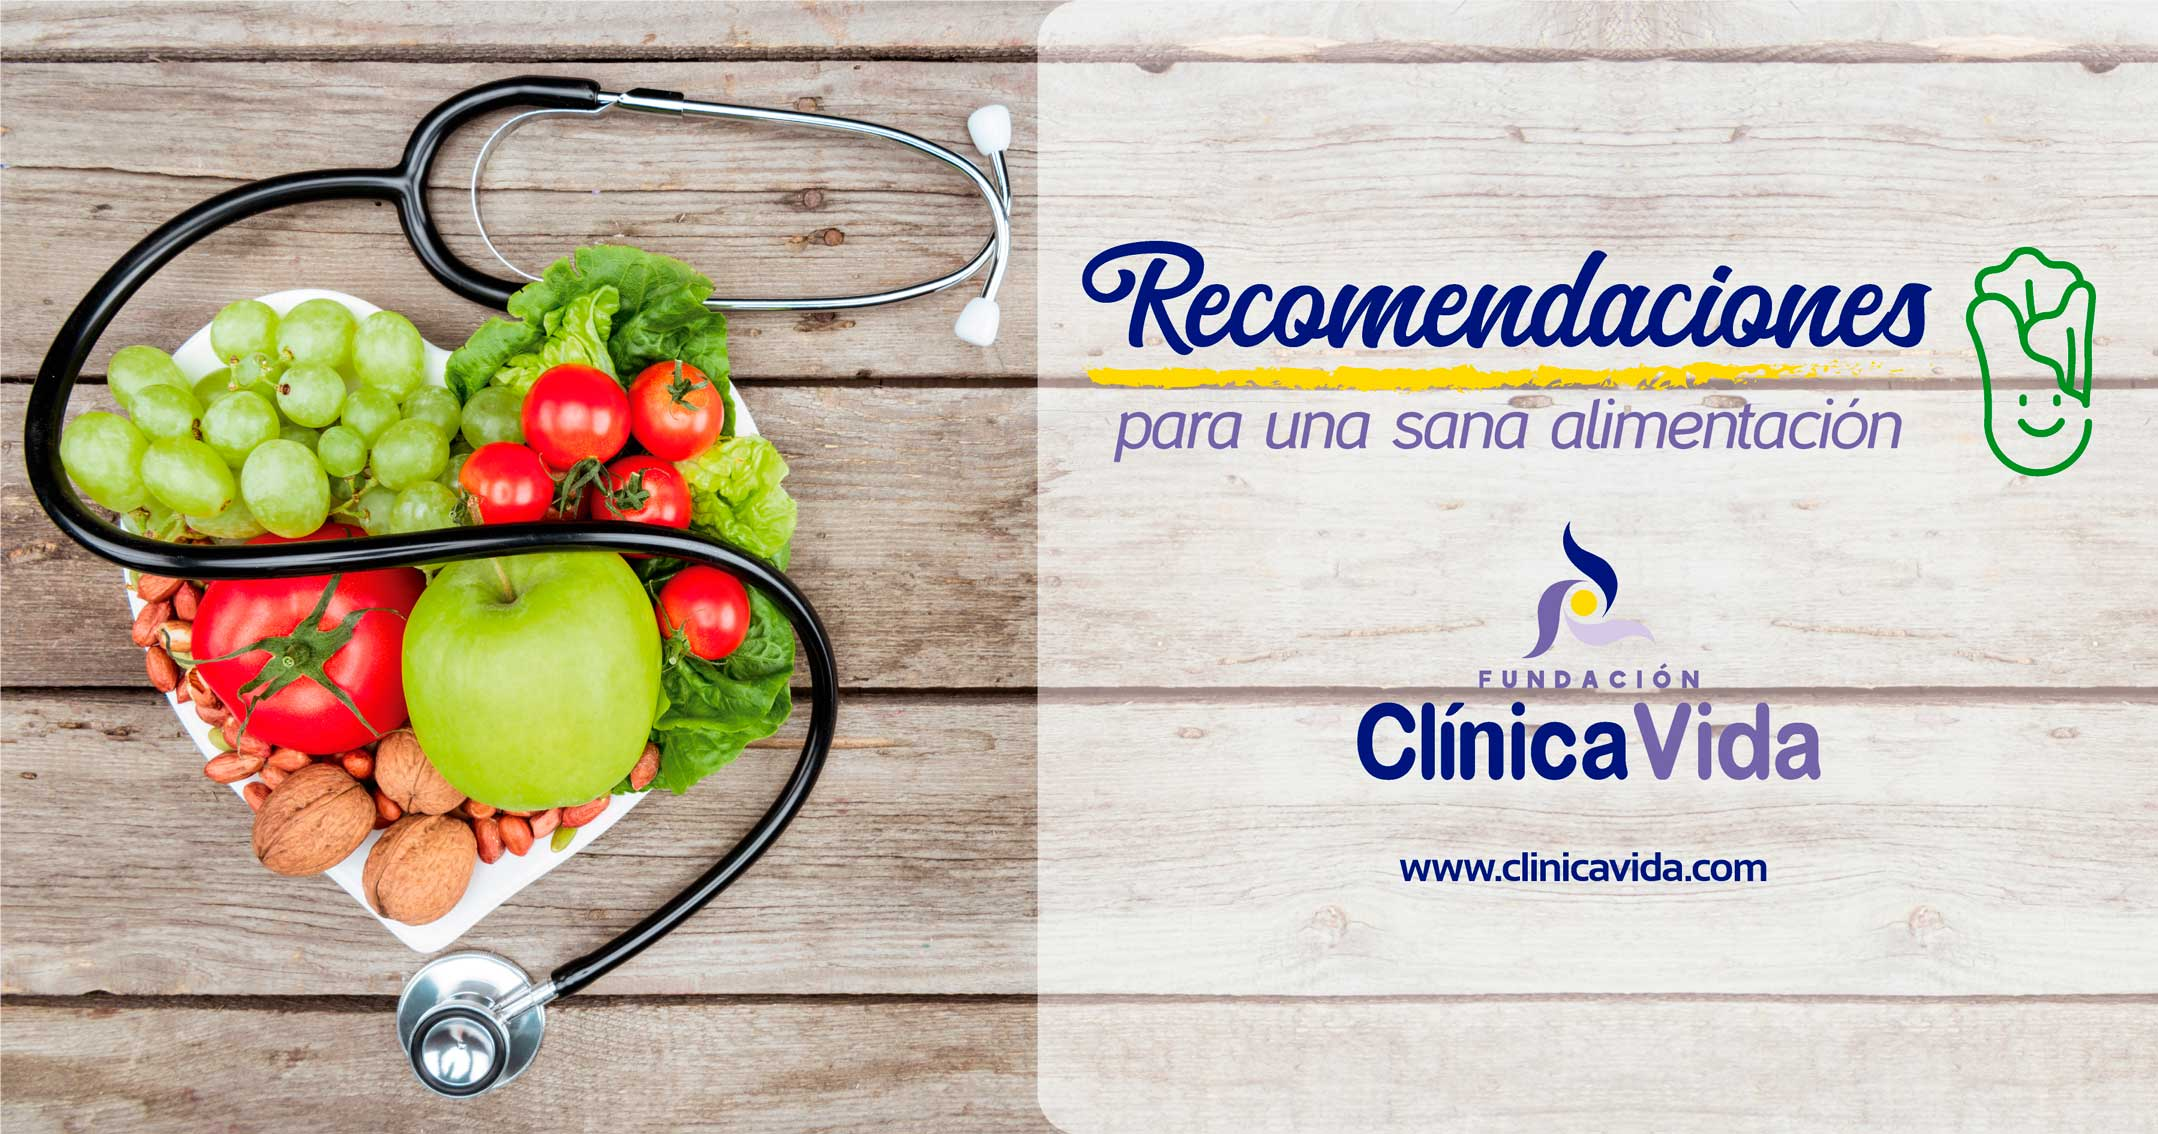 Recomendaciones para una sana alimentación